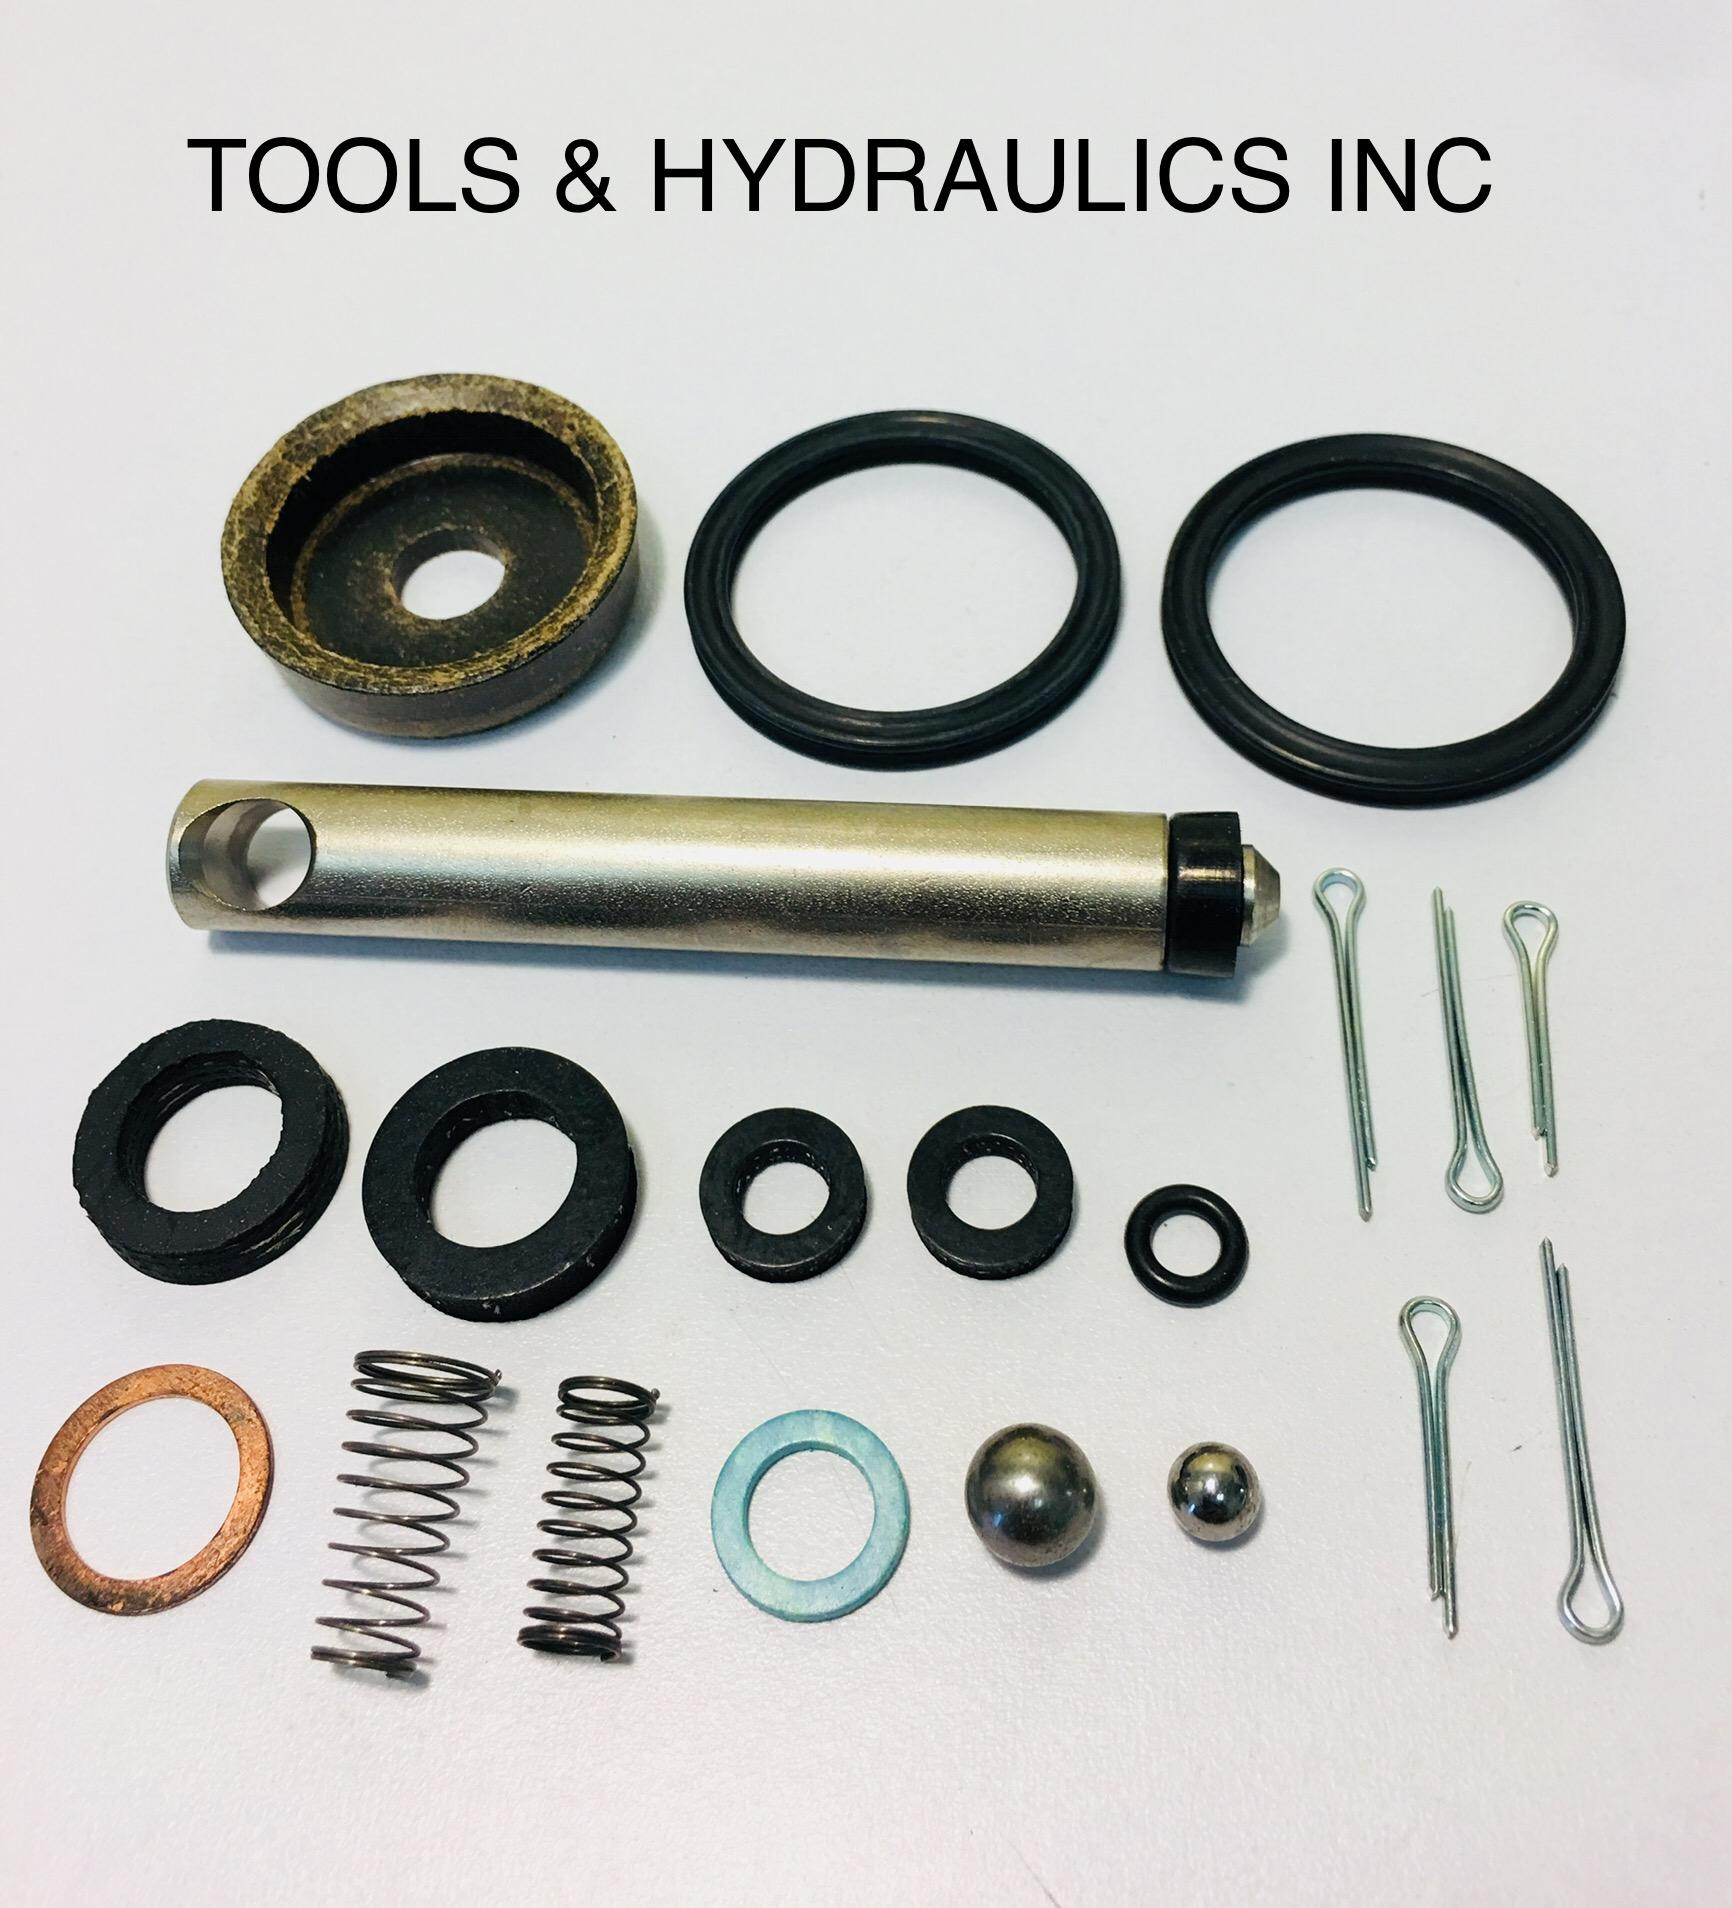 TN BLACKHAWK jacks repair kits